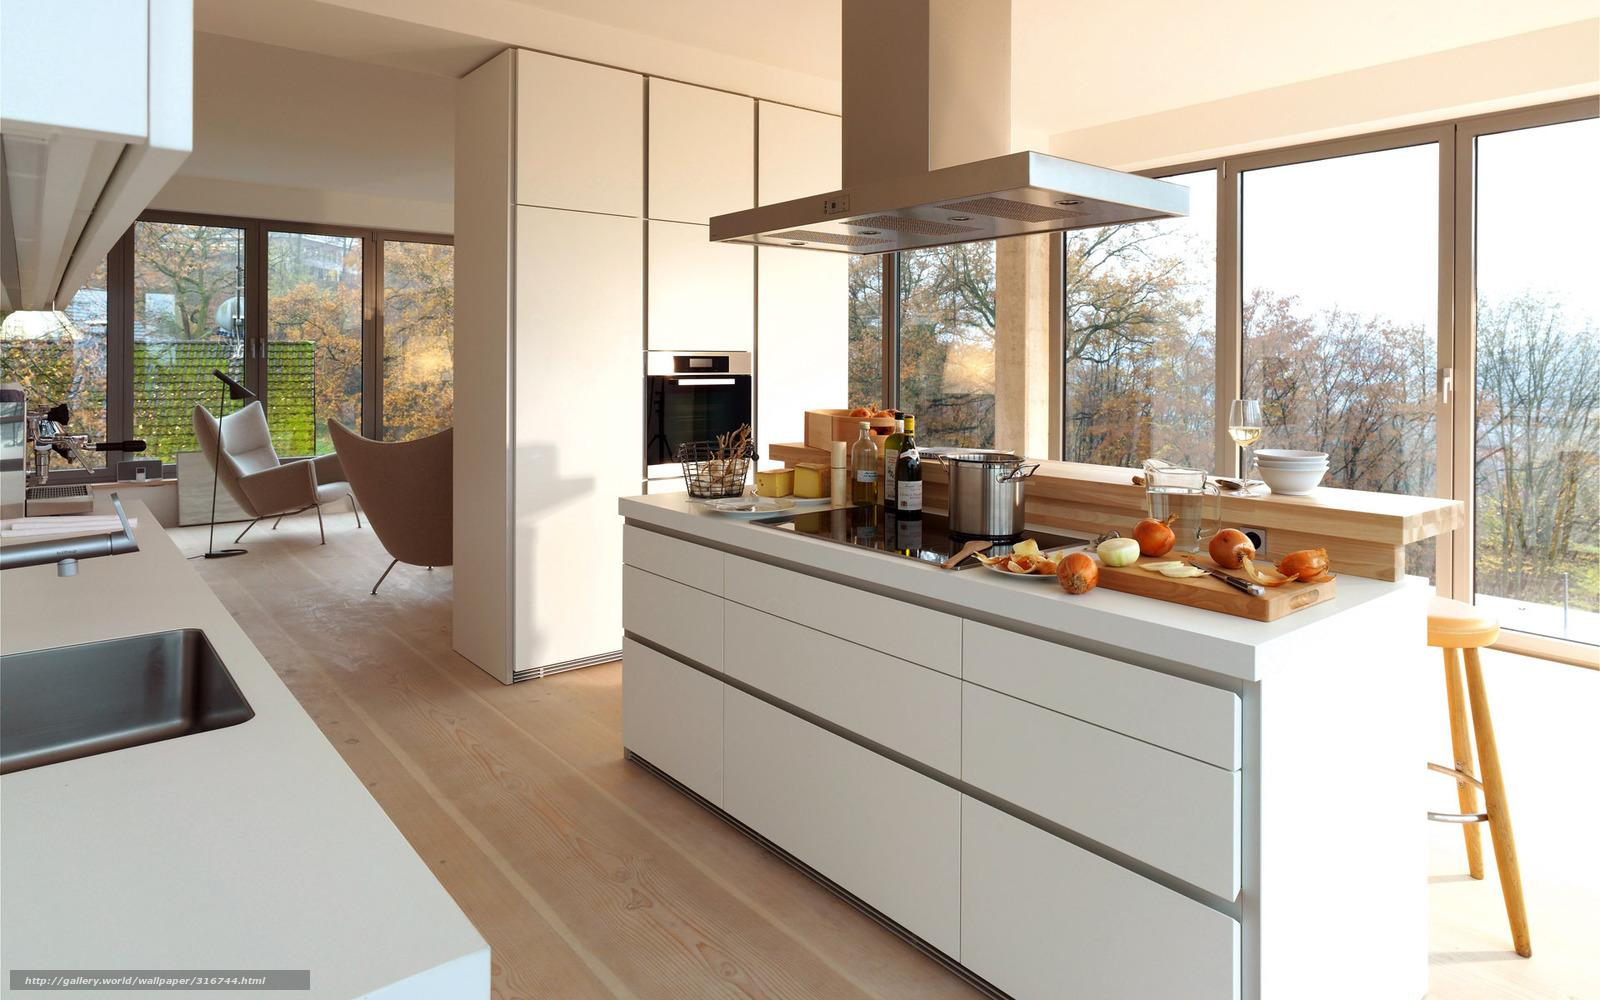 Baixar Wallpaper cozinha janela luz humor primavera Papis de parede  #9E682D 1600 1000